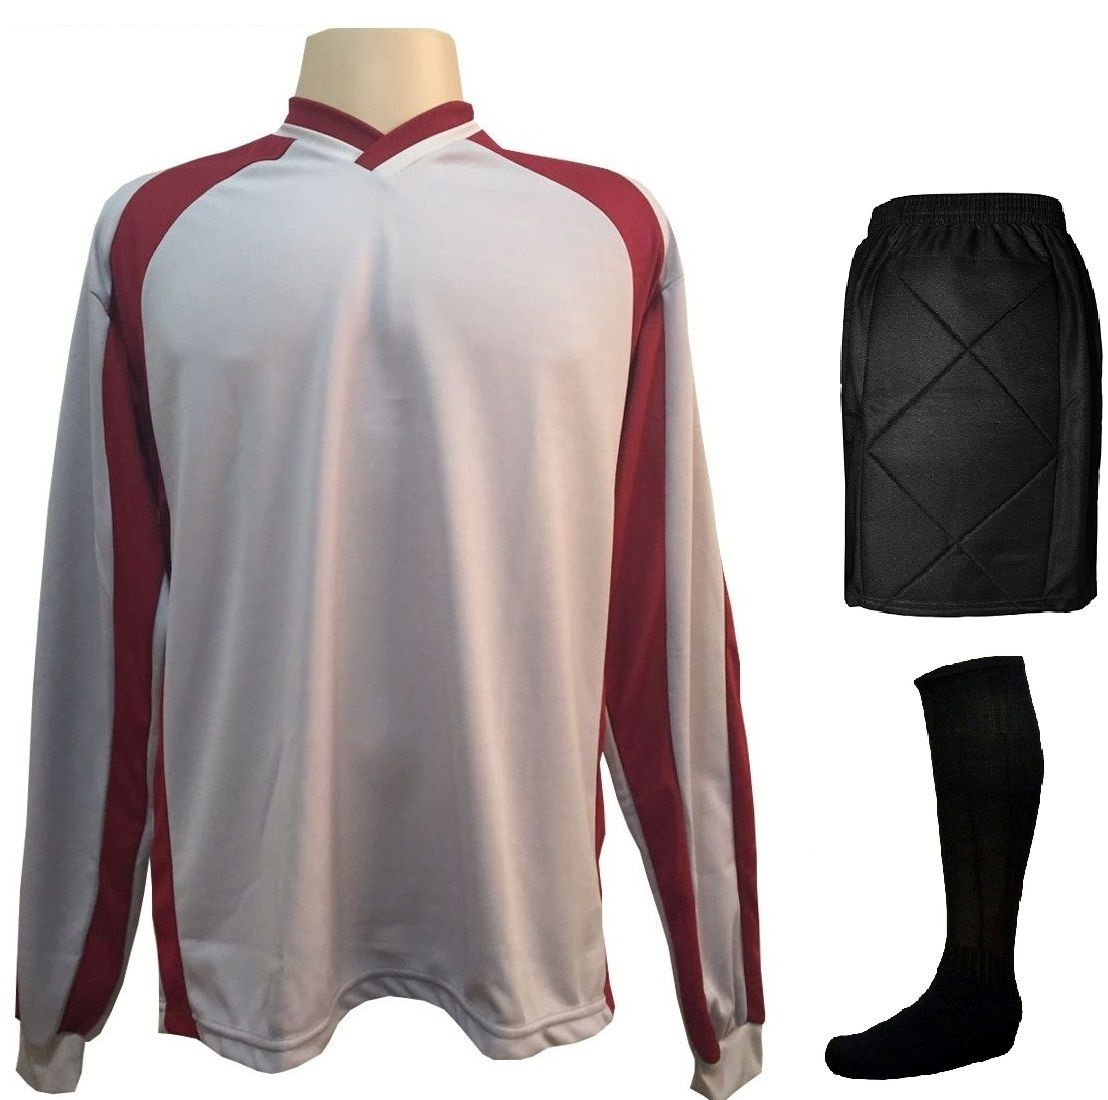 Fardamento Completo modelo City 12+1 (12 Camisas Celeste/Royal + 12 Calções Copa Royal/Branco + 12 Pares de Meiões Royal + 1 Conjunto de Goleiro) + Brindes